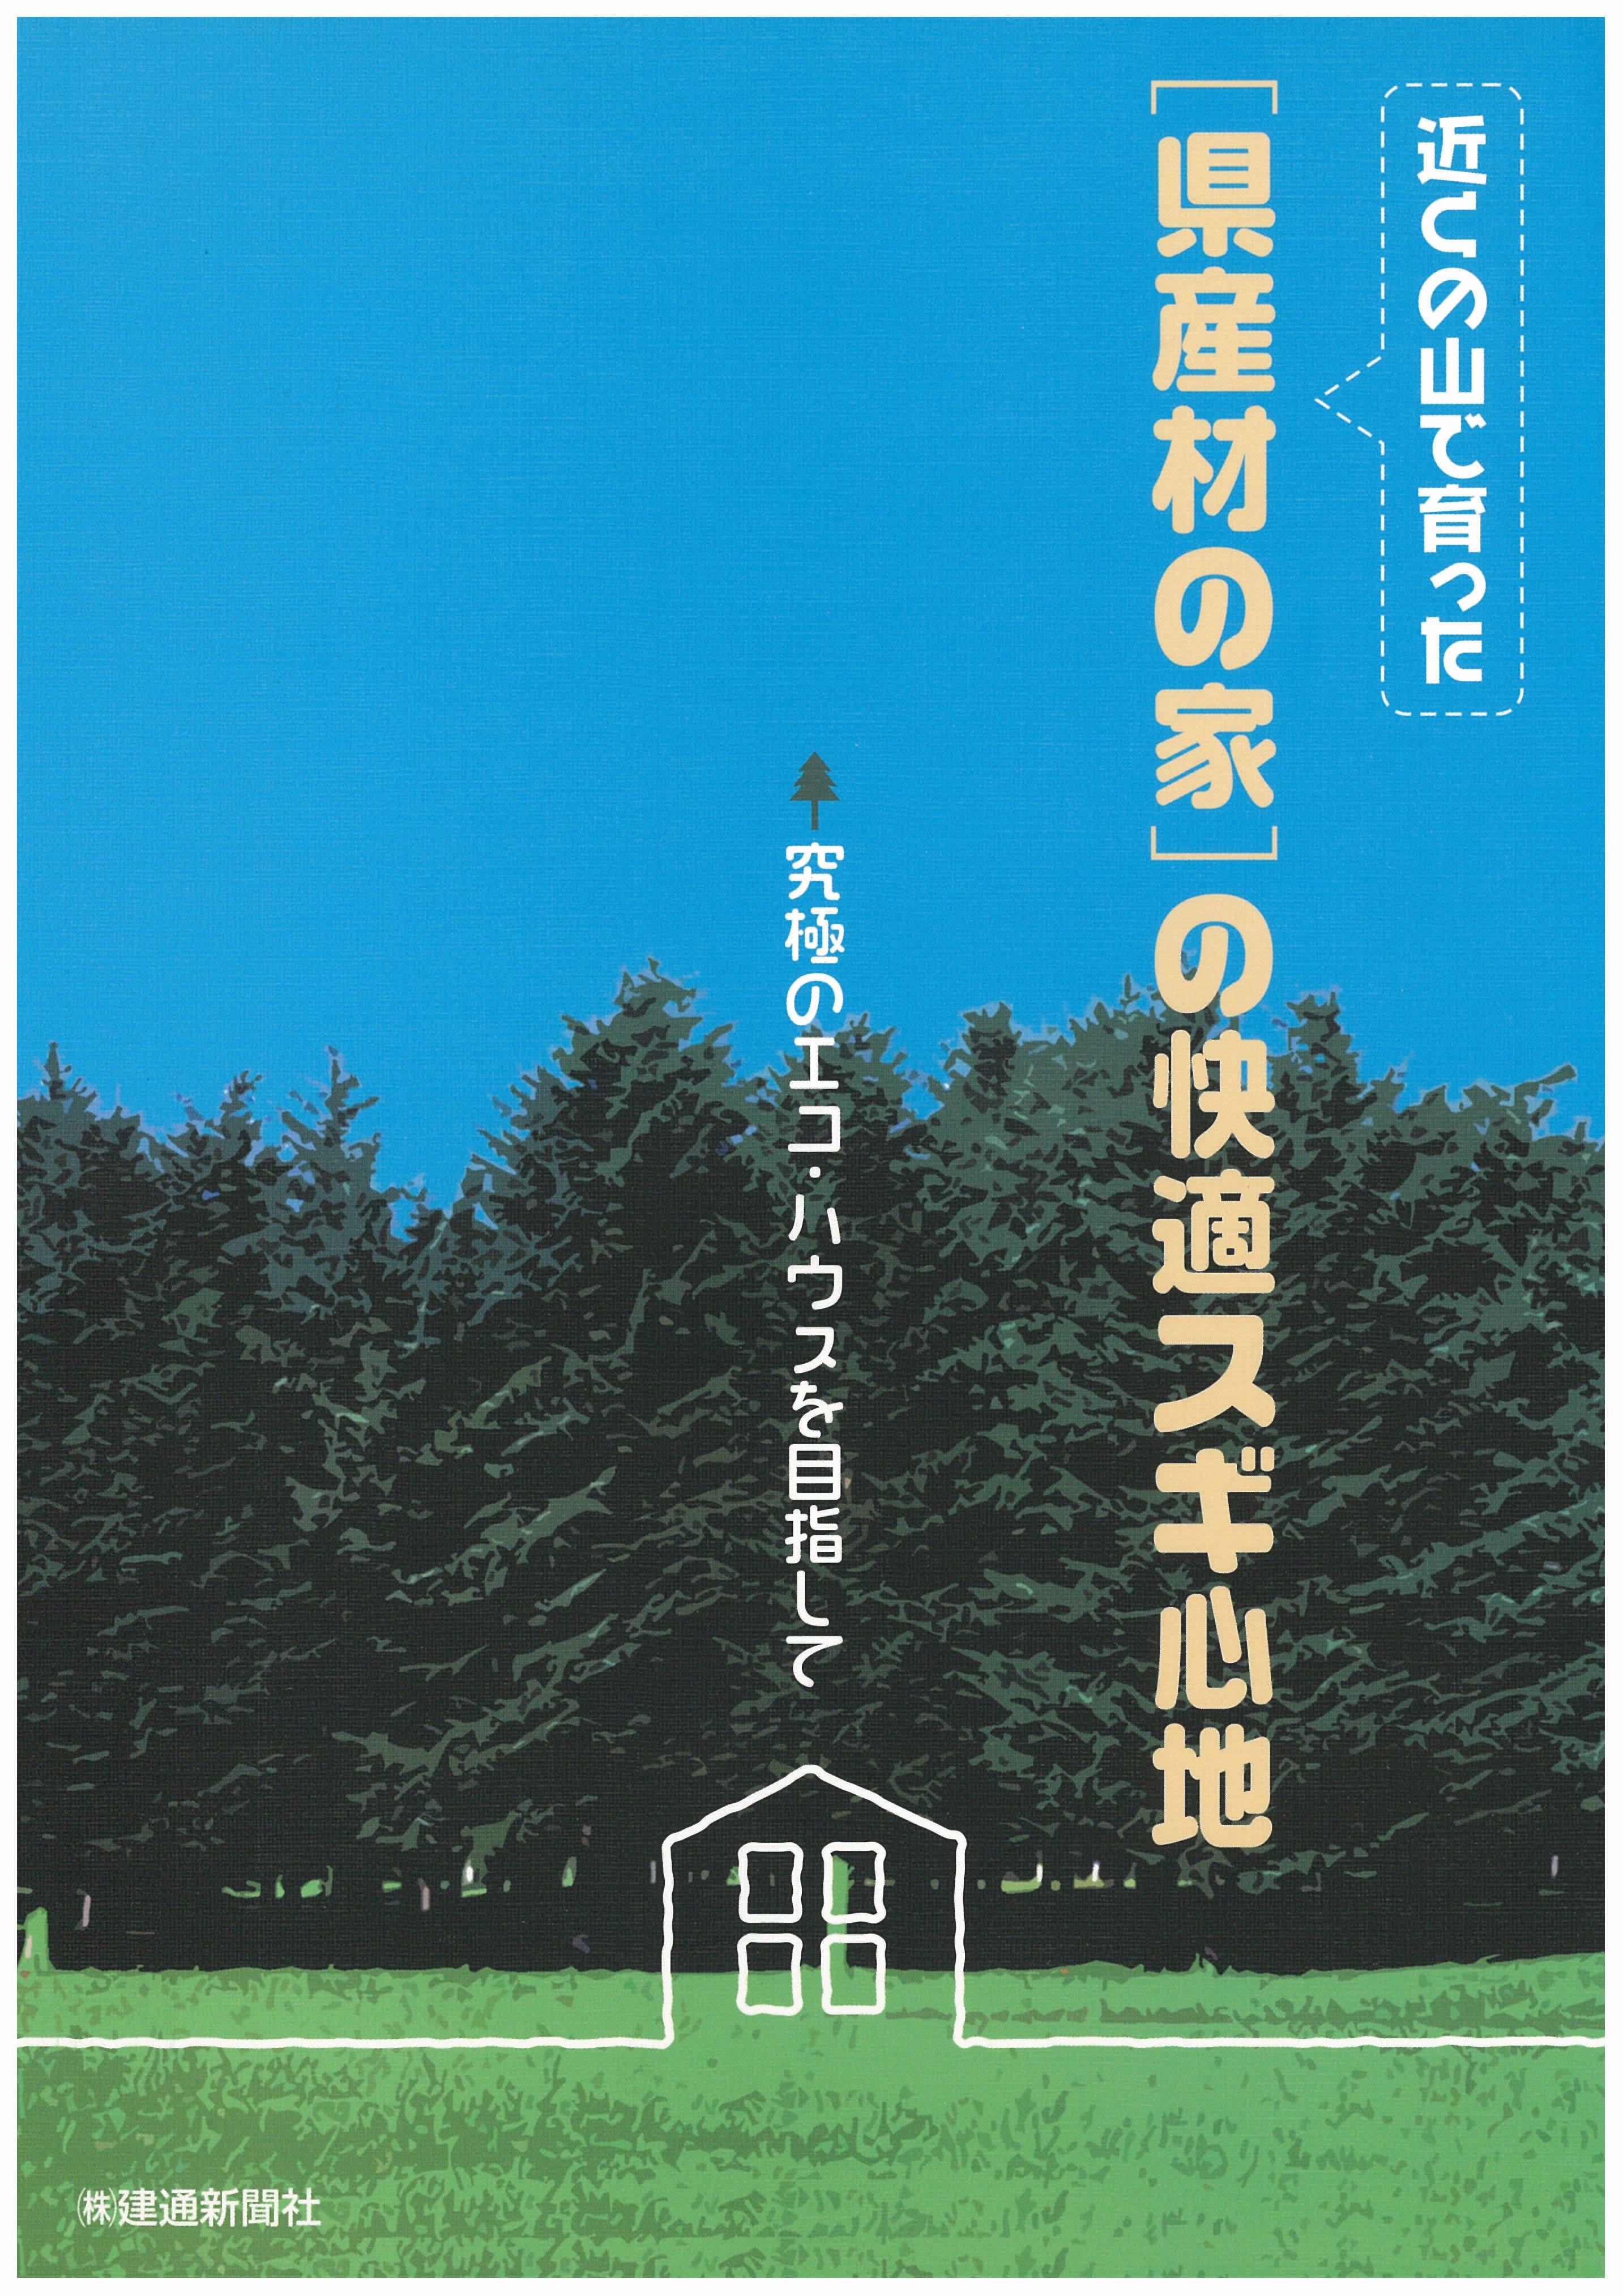 [県産材の家]の快適スギ心地画像